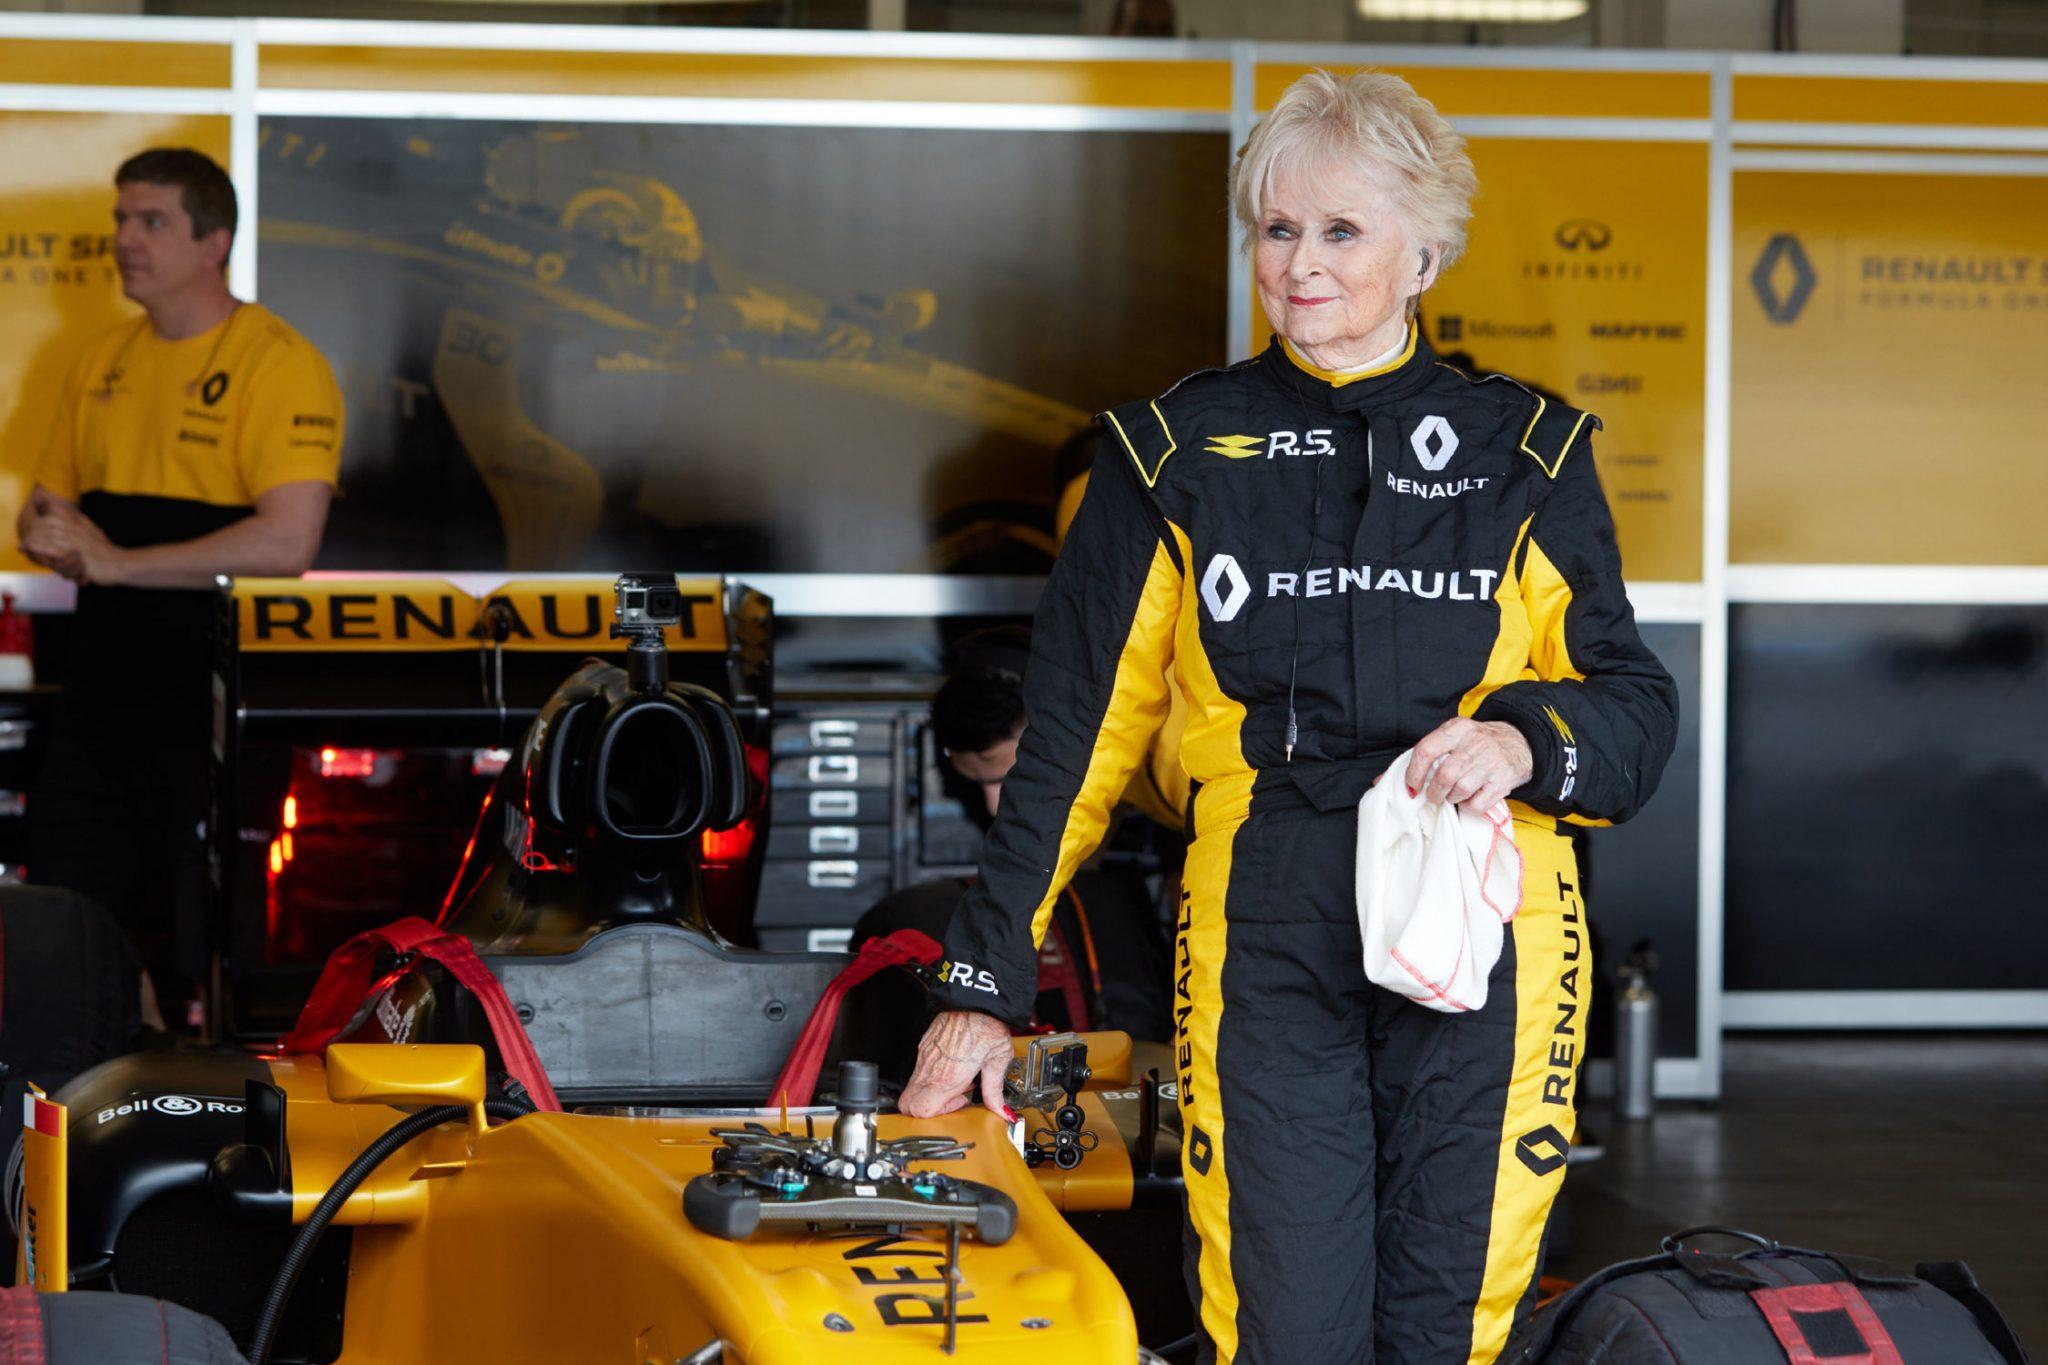 a 79 ans elle pilote la f1 r s 17 16222 1 P - A 79 ans, elle pilote la Formule 1 R.S.17